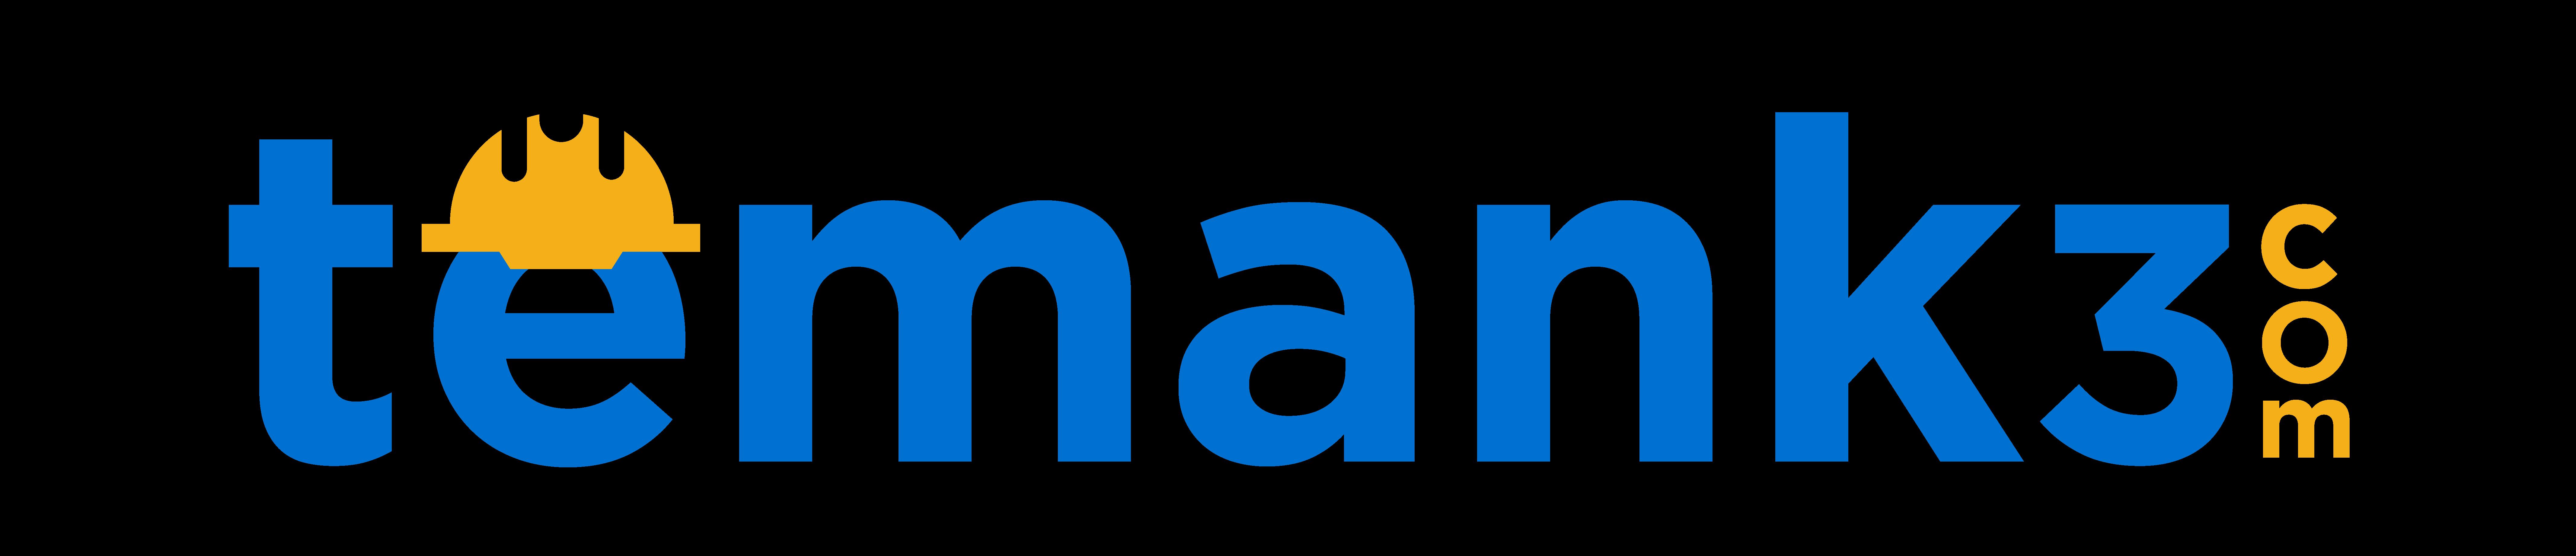 Logo Teman K3 Com